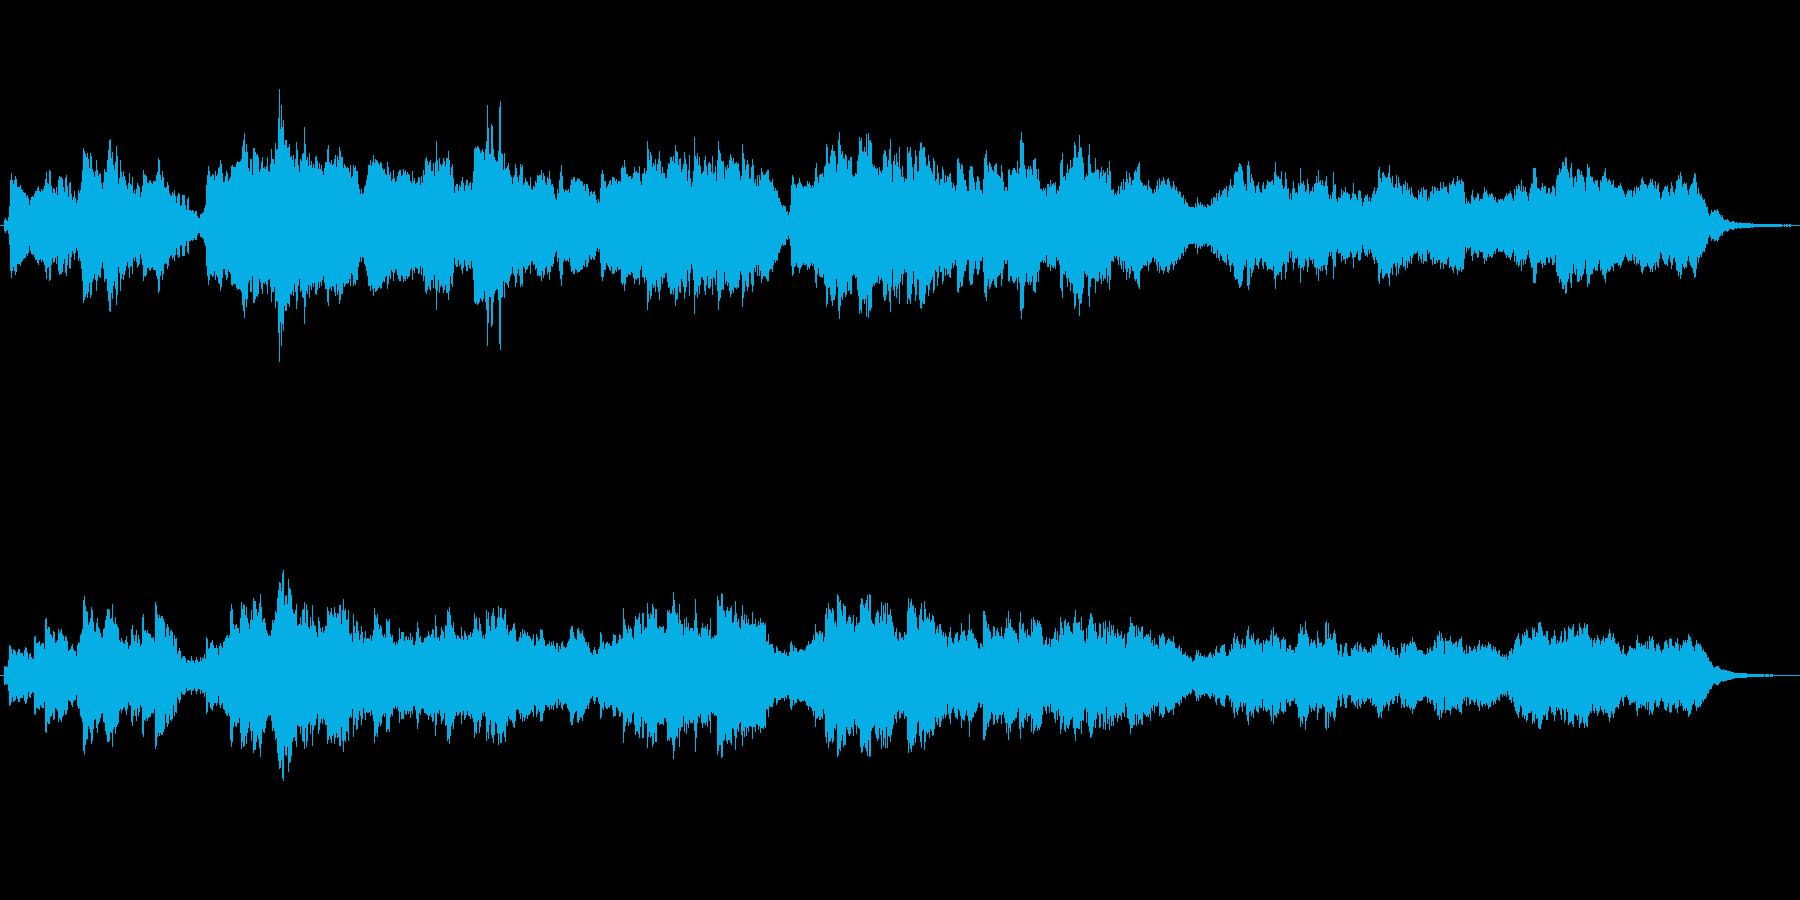 ストリングスとチェレスタのメルヘンの世界の再生済みの波形